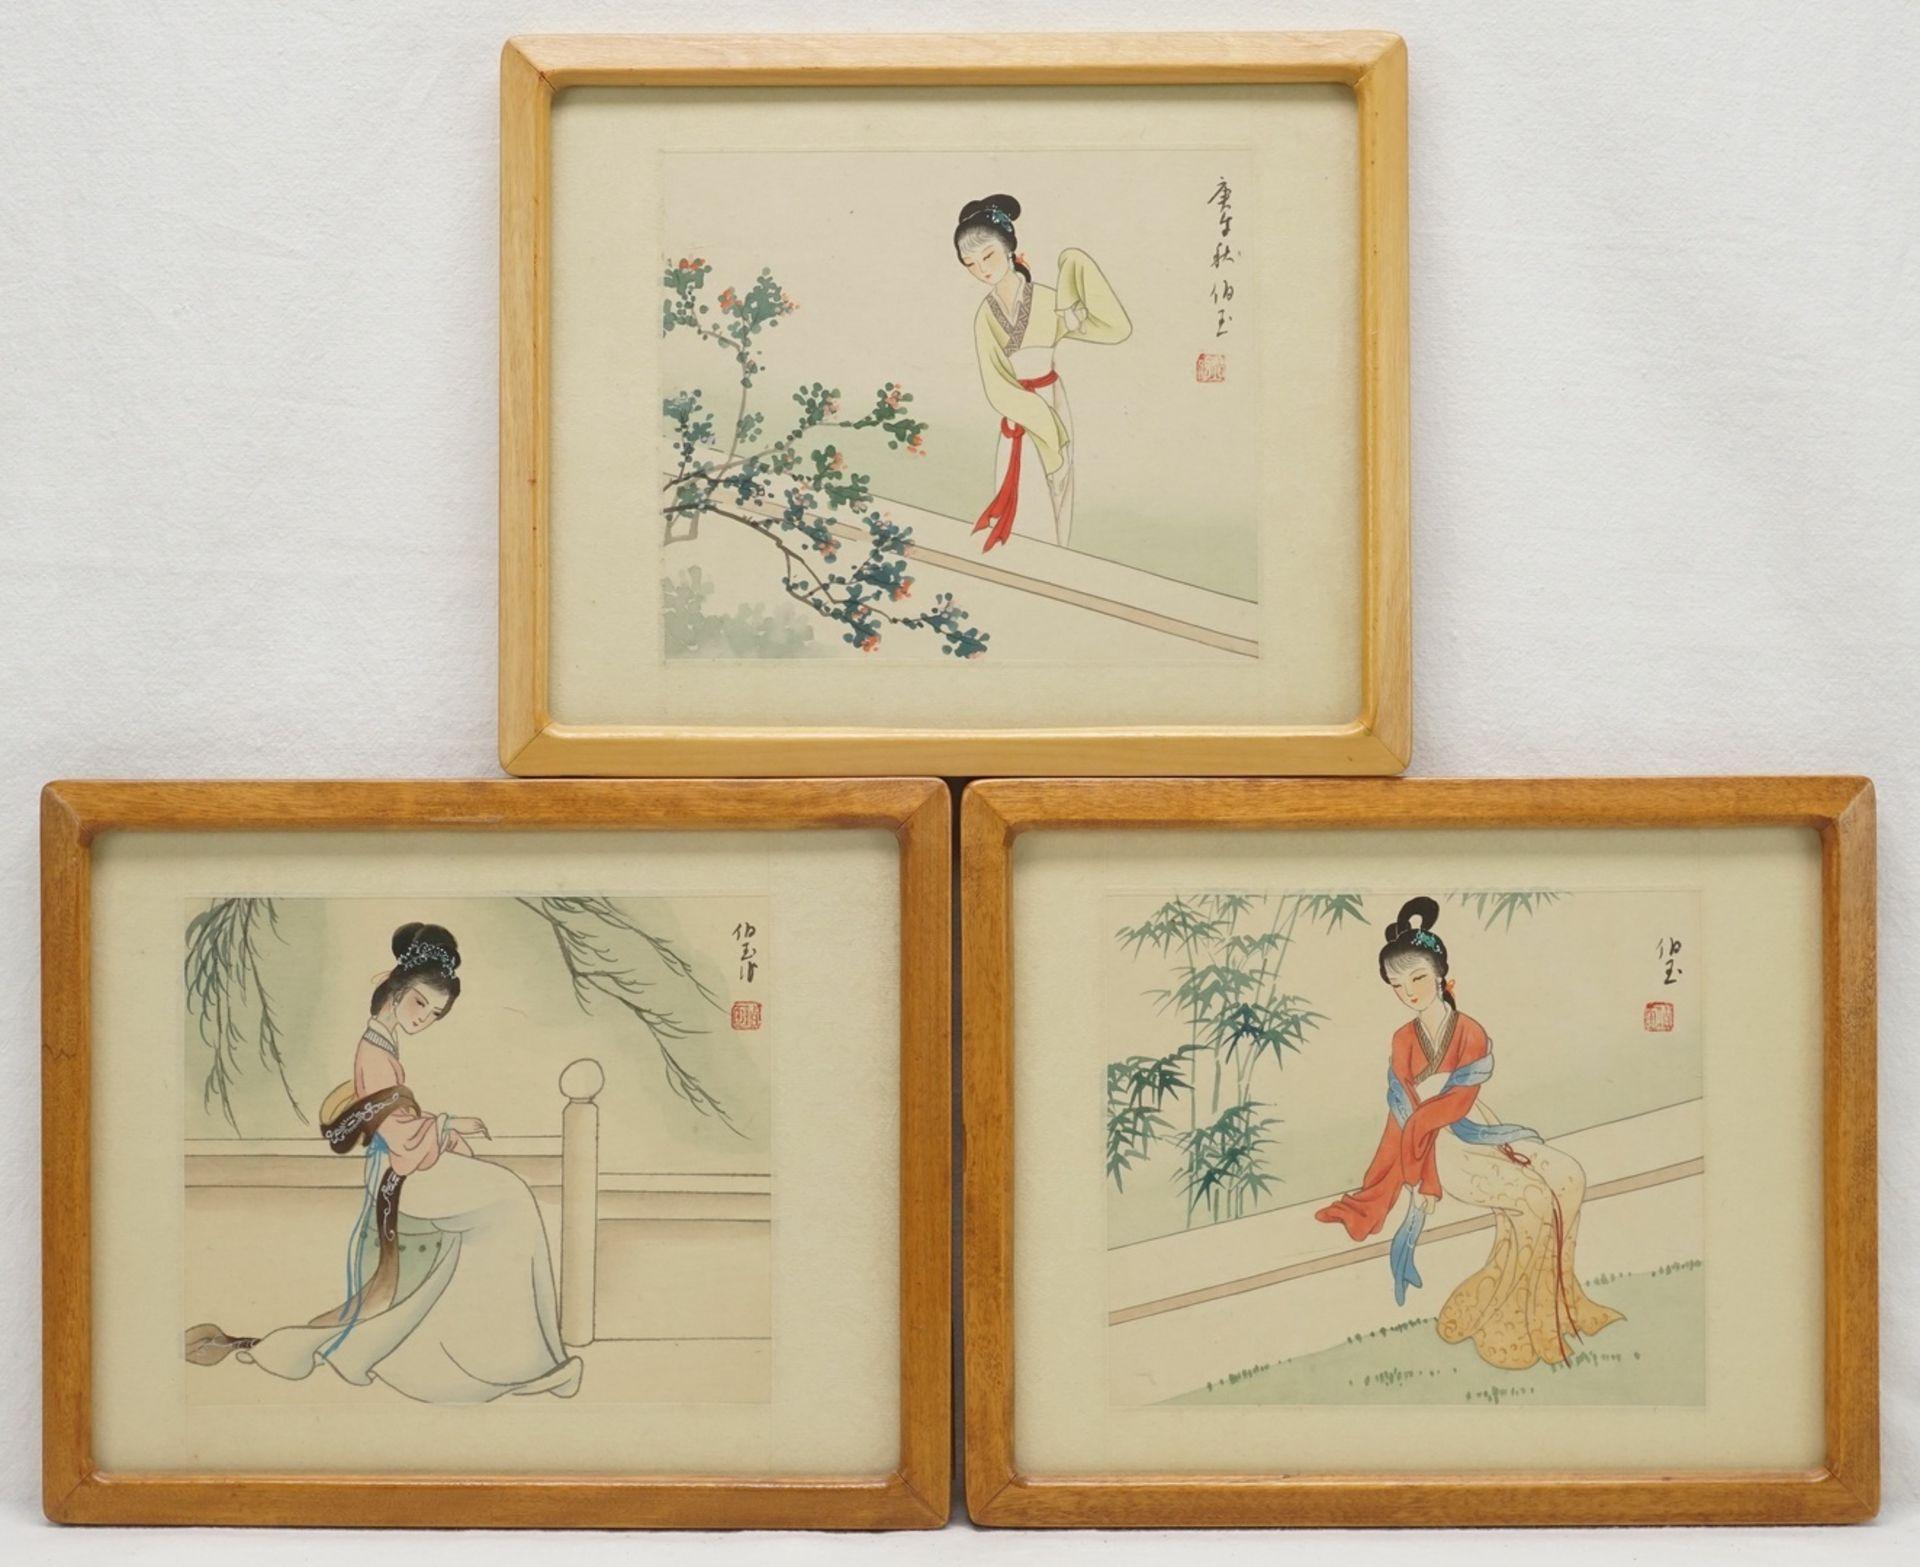 Drei japanische Seidenbilder mit Frauendarstellungen